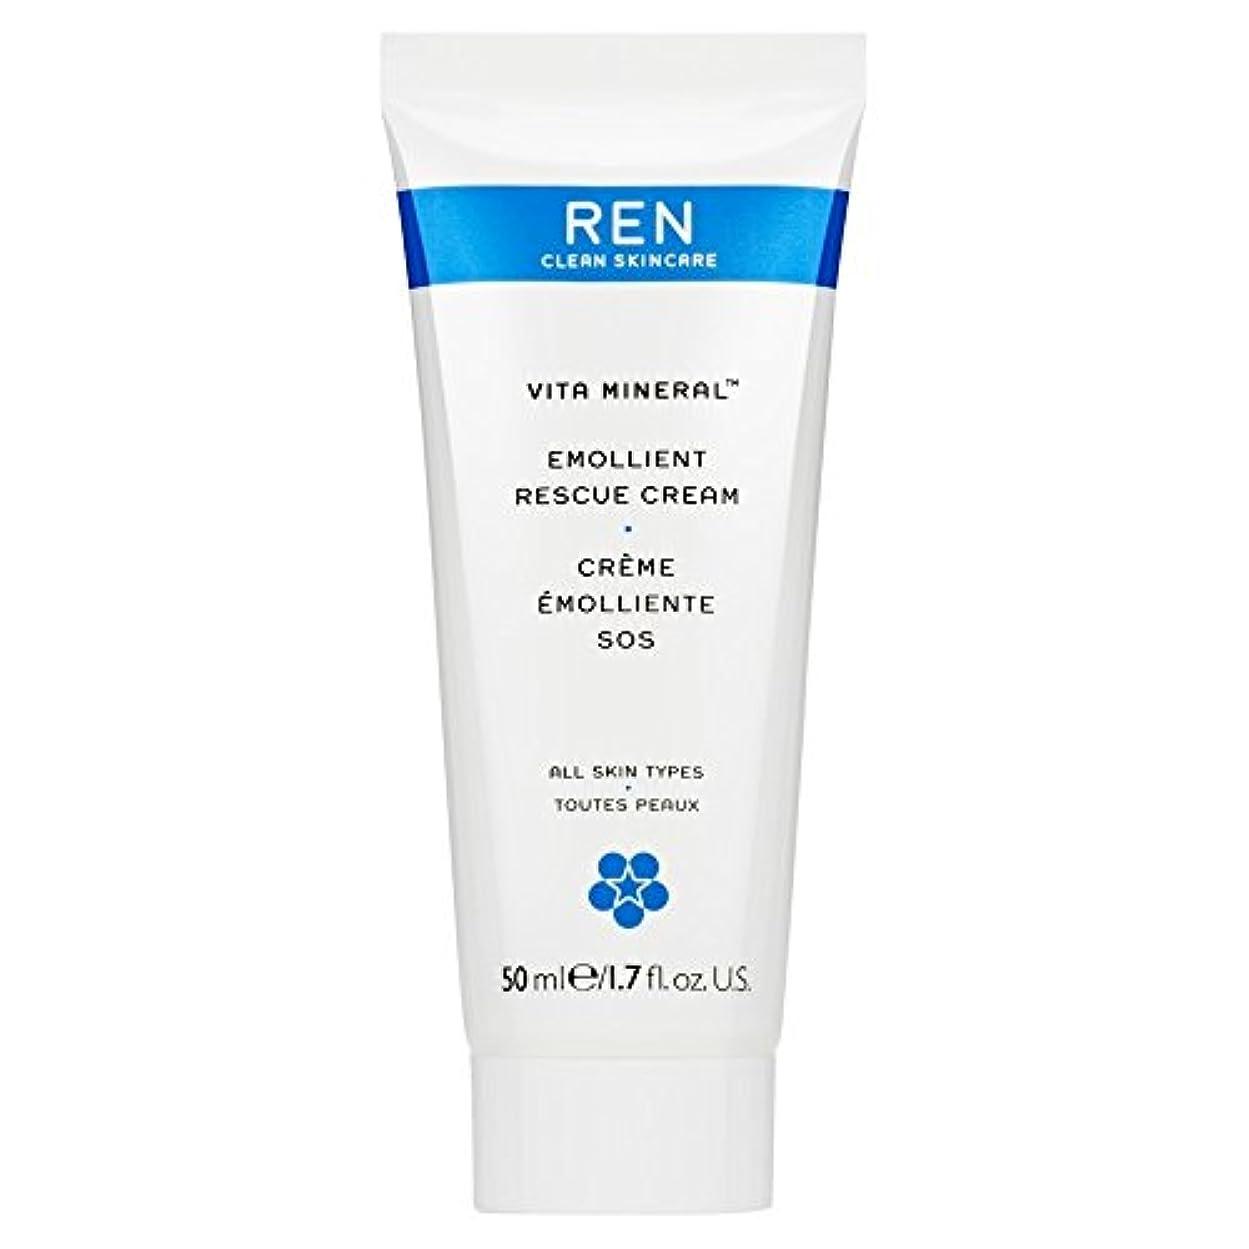 庭園傷跡竜巻Renヴィータミネラルレスキュークリーム、50ミリリットル (REN) (x6) - REN Vita Mineral Rescue Cream, 50ml (Pack of 6) [並行輸入品]